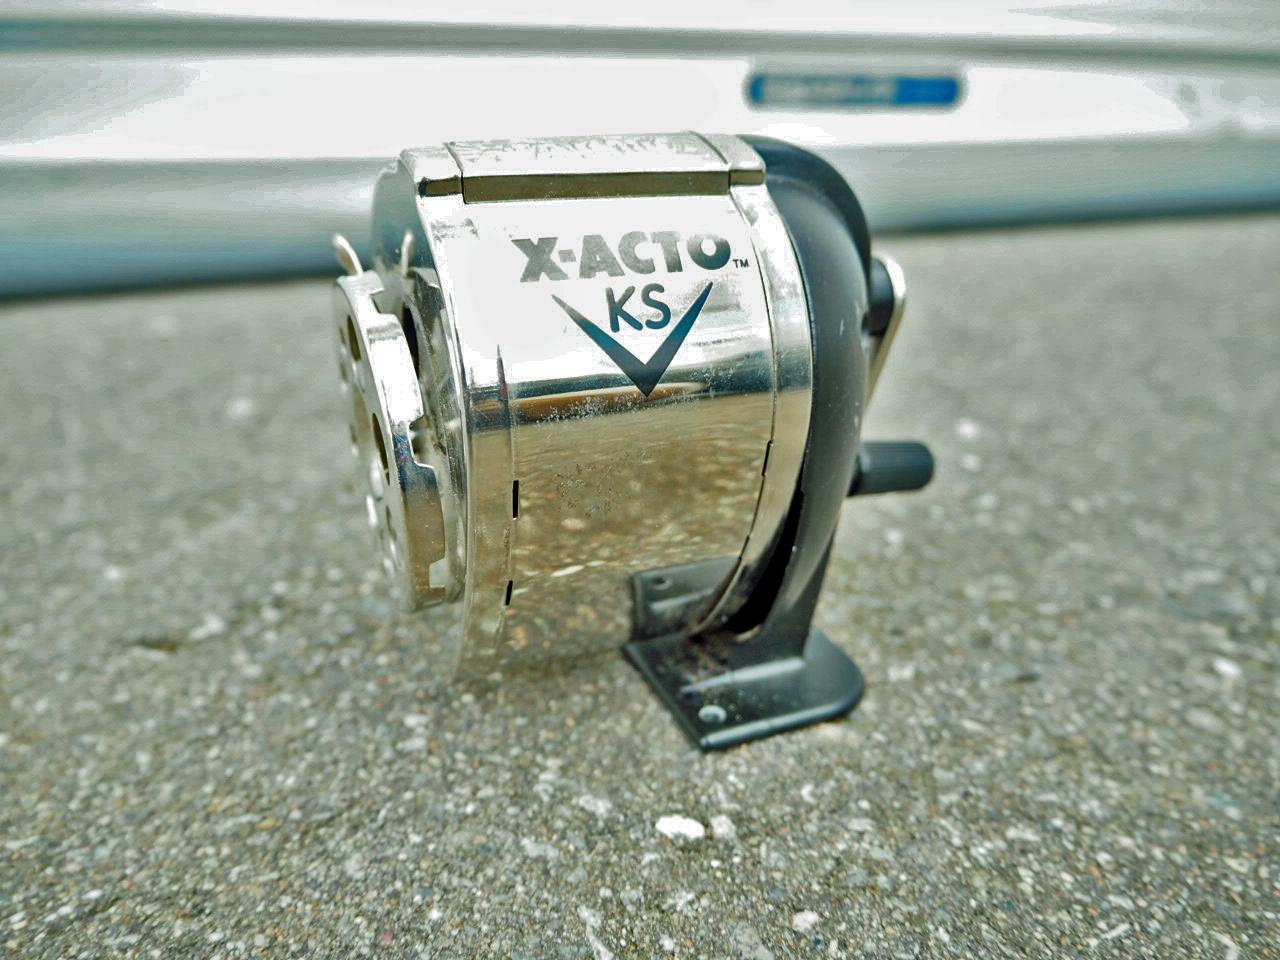 品番3661 鉛筆削り ELMER'S エルマーズ X-acto モデル Ks Pencil Sharpener 011